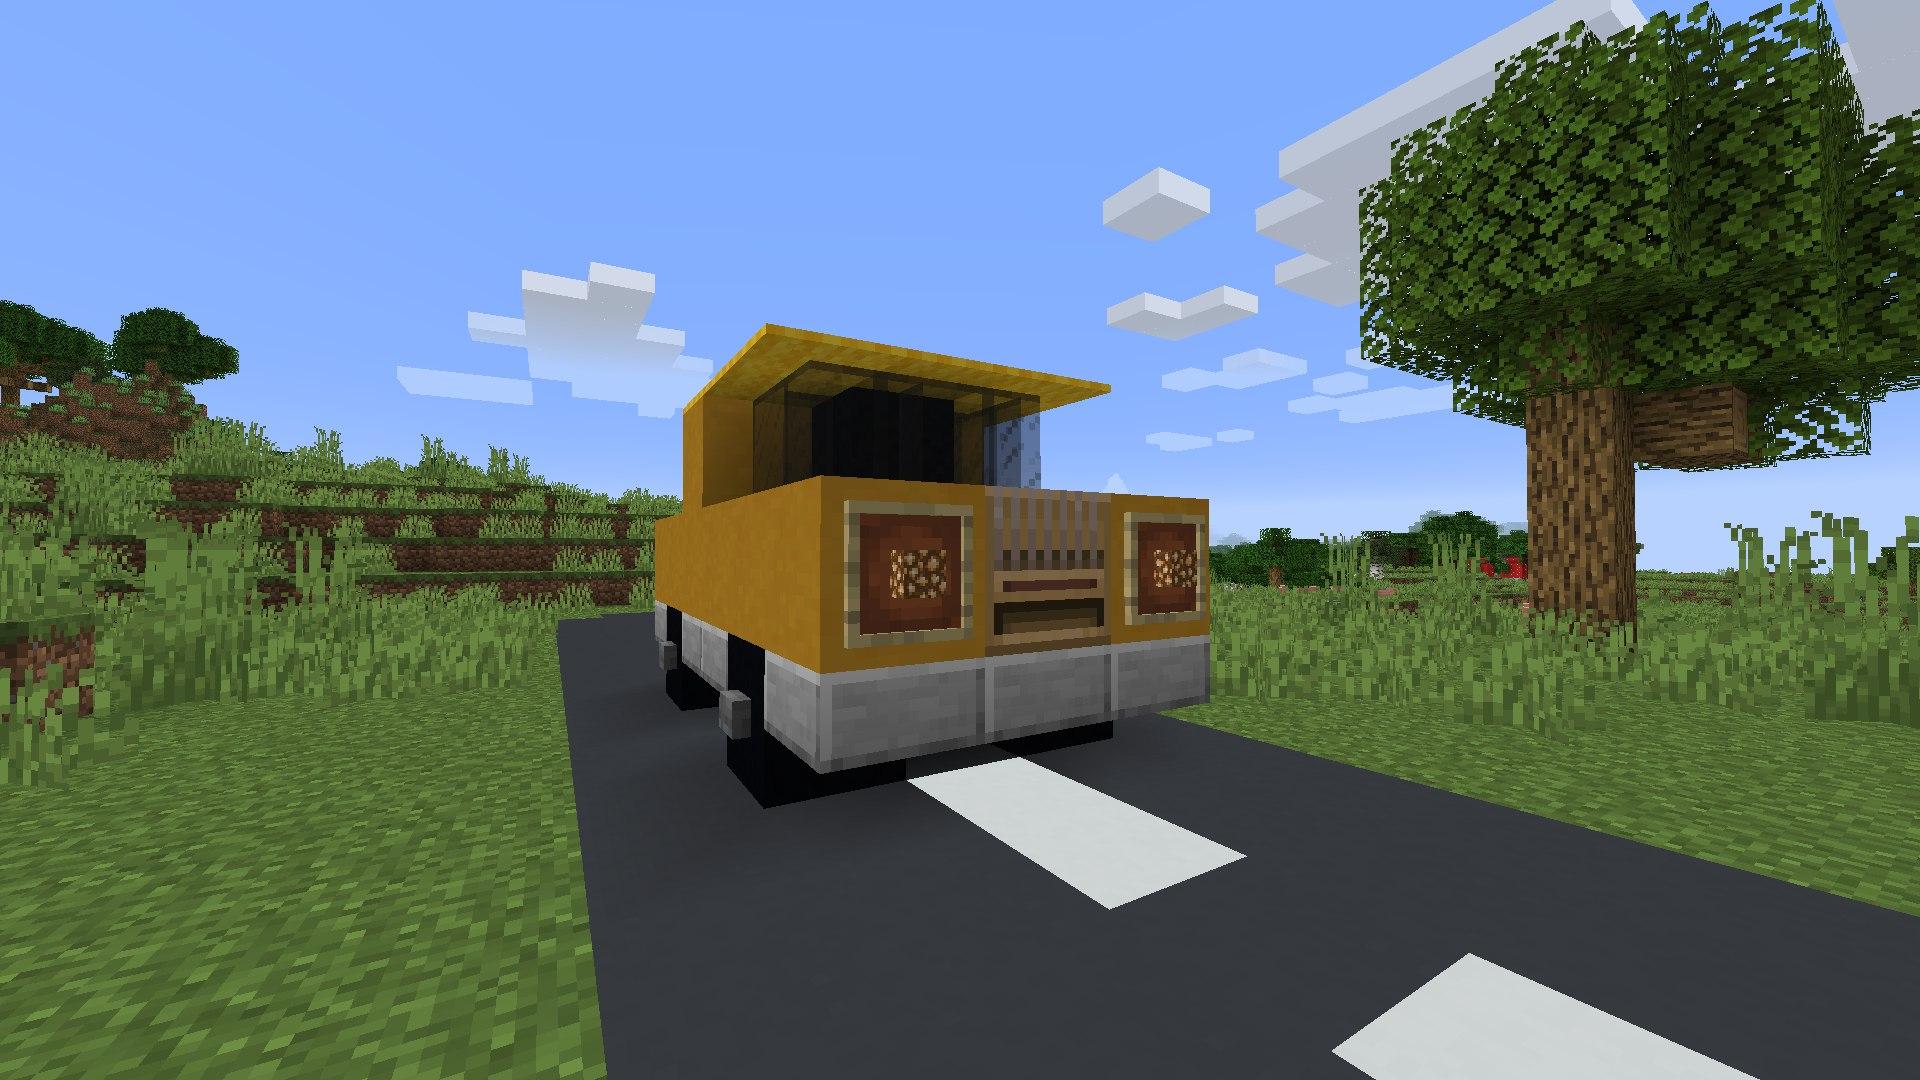 warsztat tkacki jako silnik samochodu minecraft buildhakcs 2